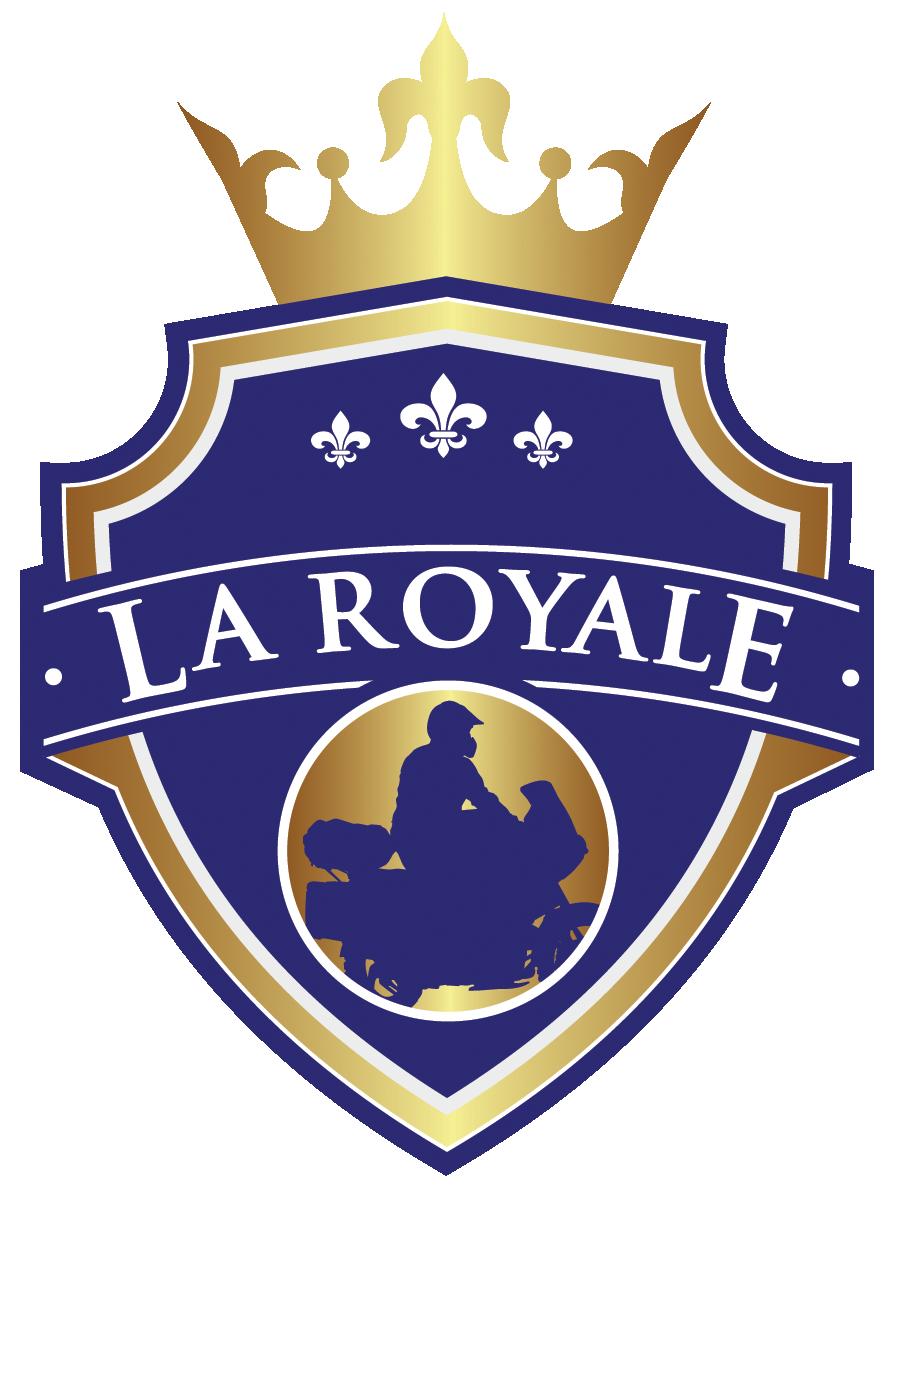 La Royale 2018